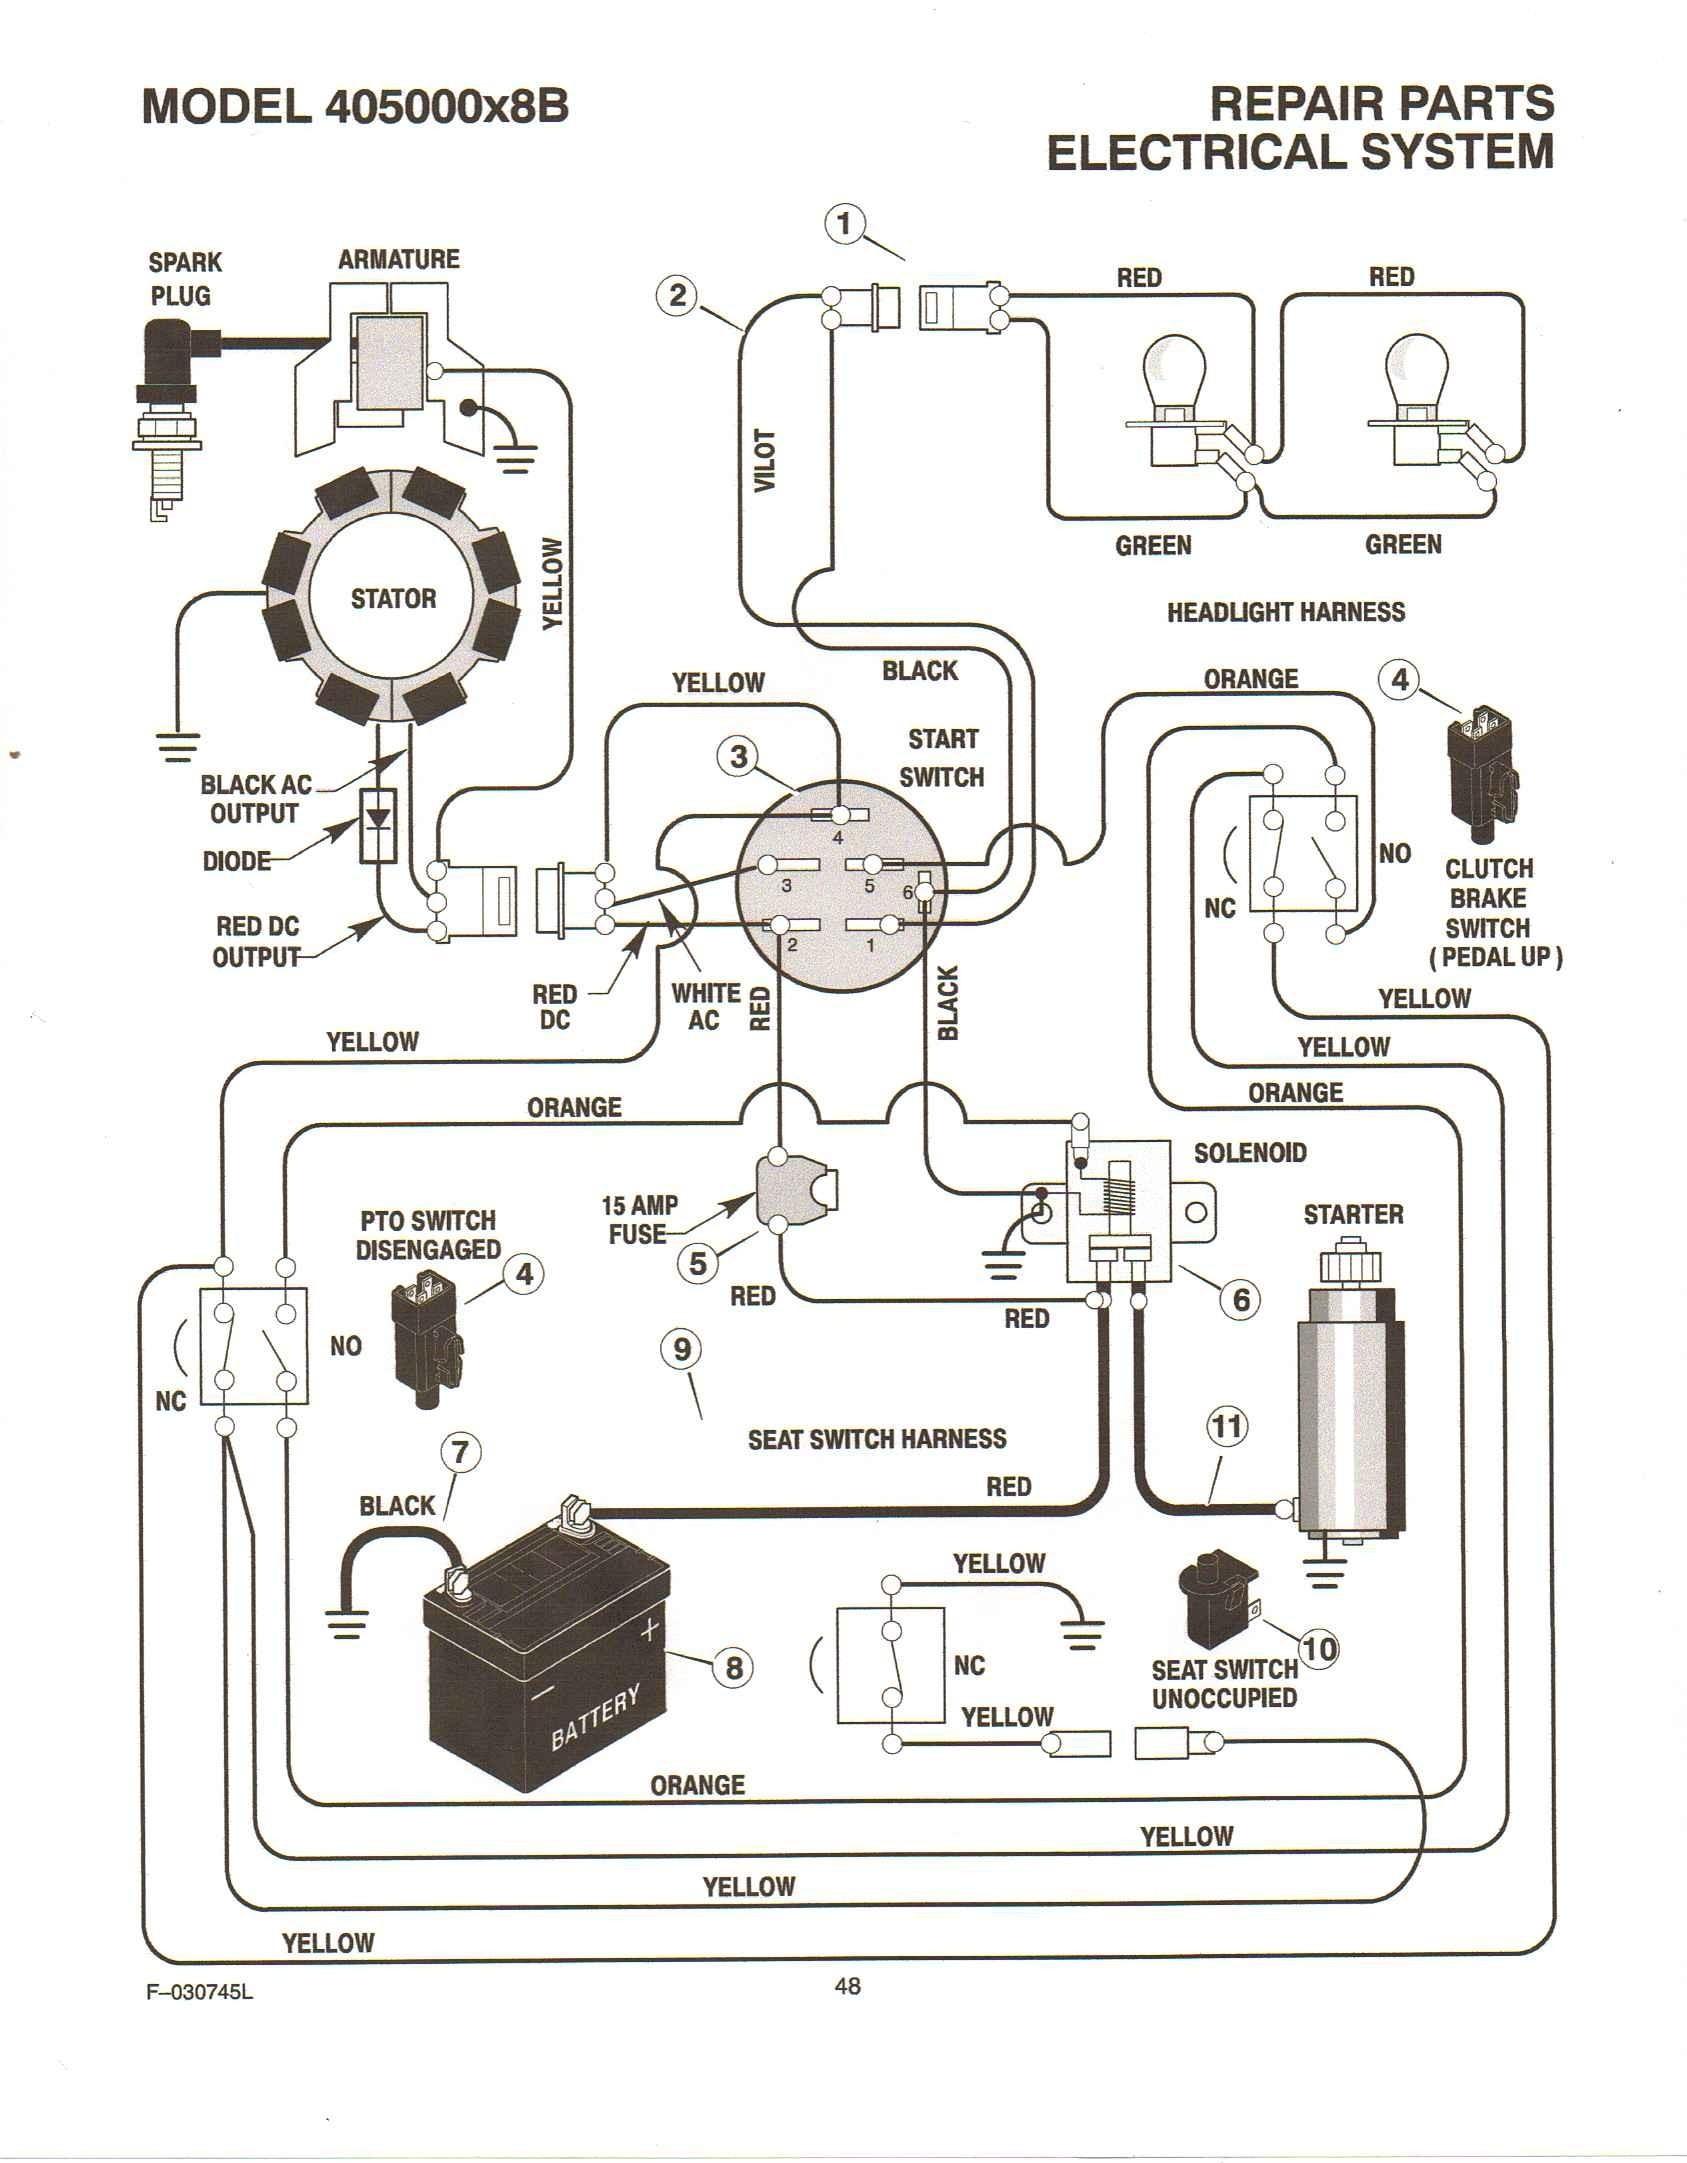 21 Hp Briggs and Stratton Engine Diagram Kohler Ignition Switch Wiring Diagram Best Wiring Diagram for Kohler Of 21 Hp Briggs and Stratton Engine Diagram